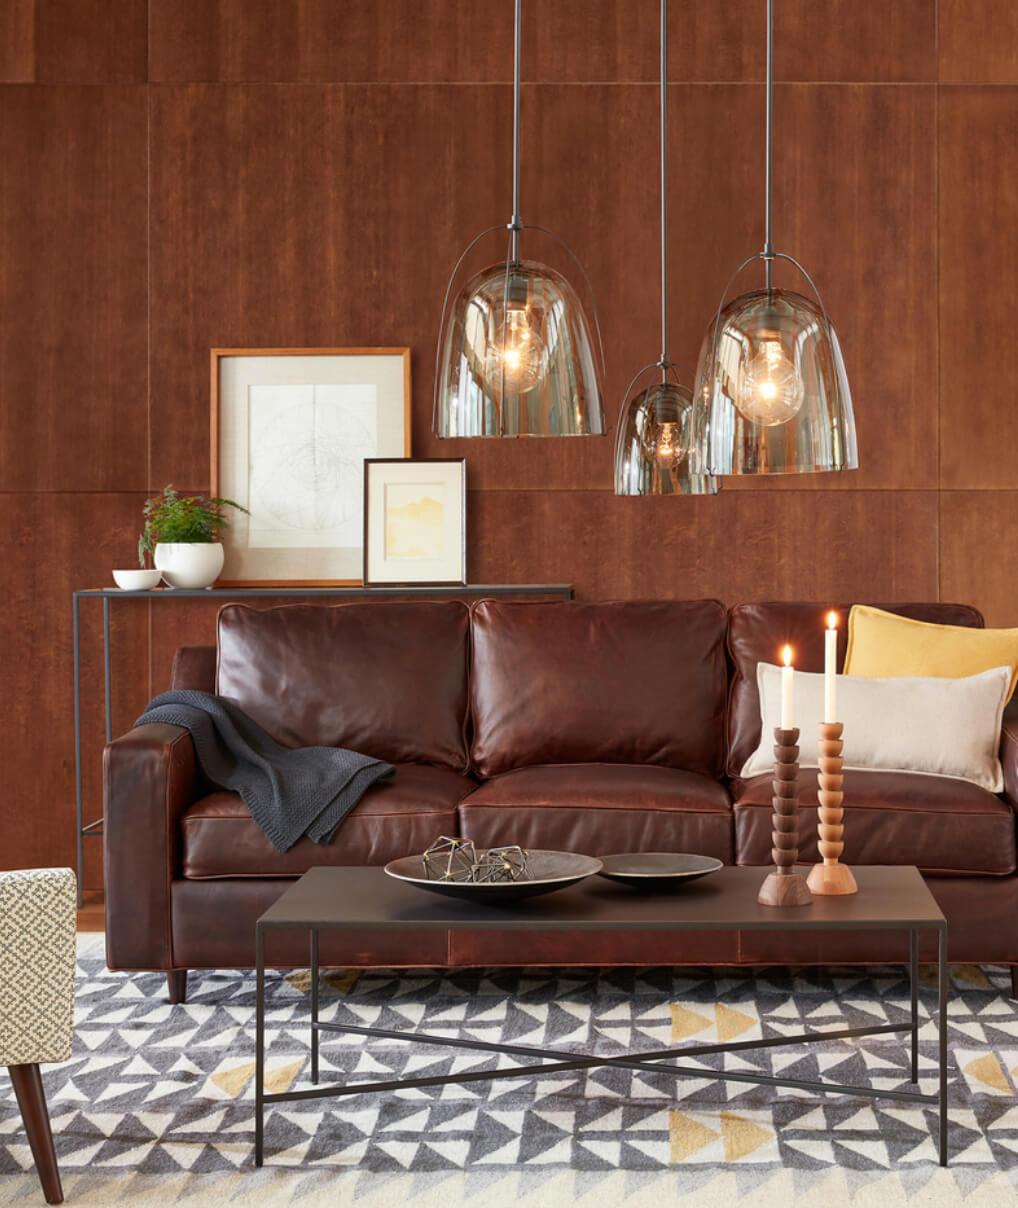 12 ایده برای فرش اتاق نشیمن که دکوراسیون را تغییر می دهند